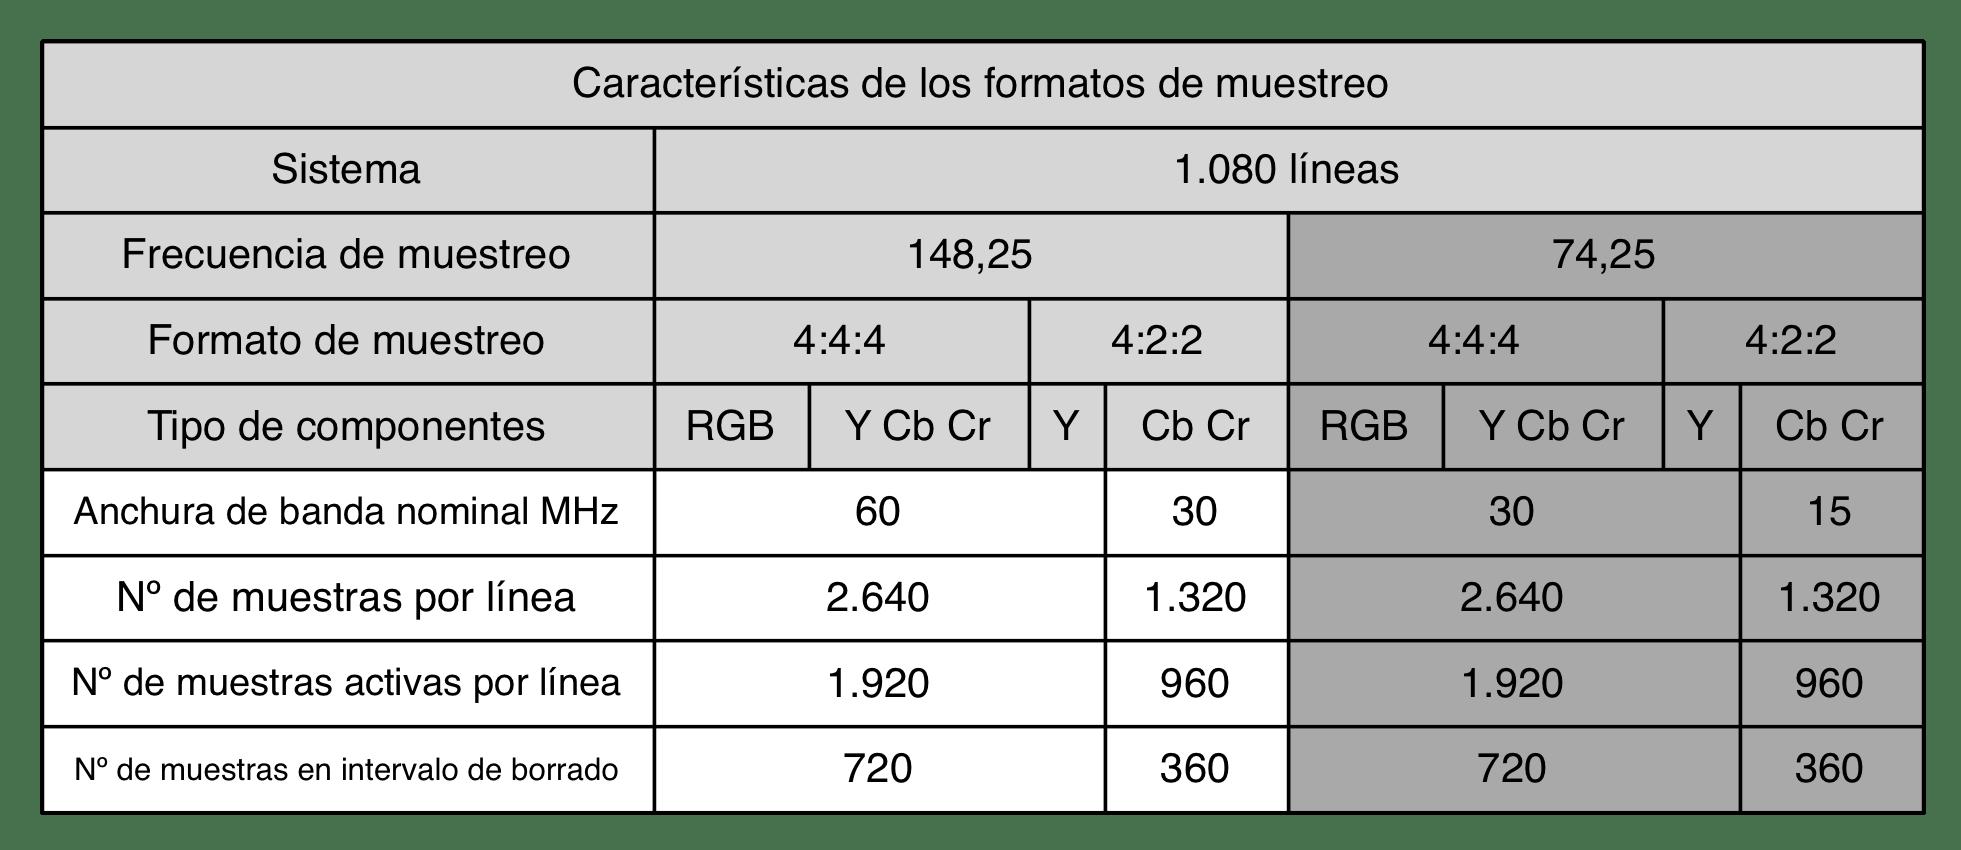 Características de los formatos de muestreo